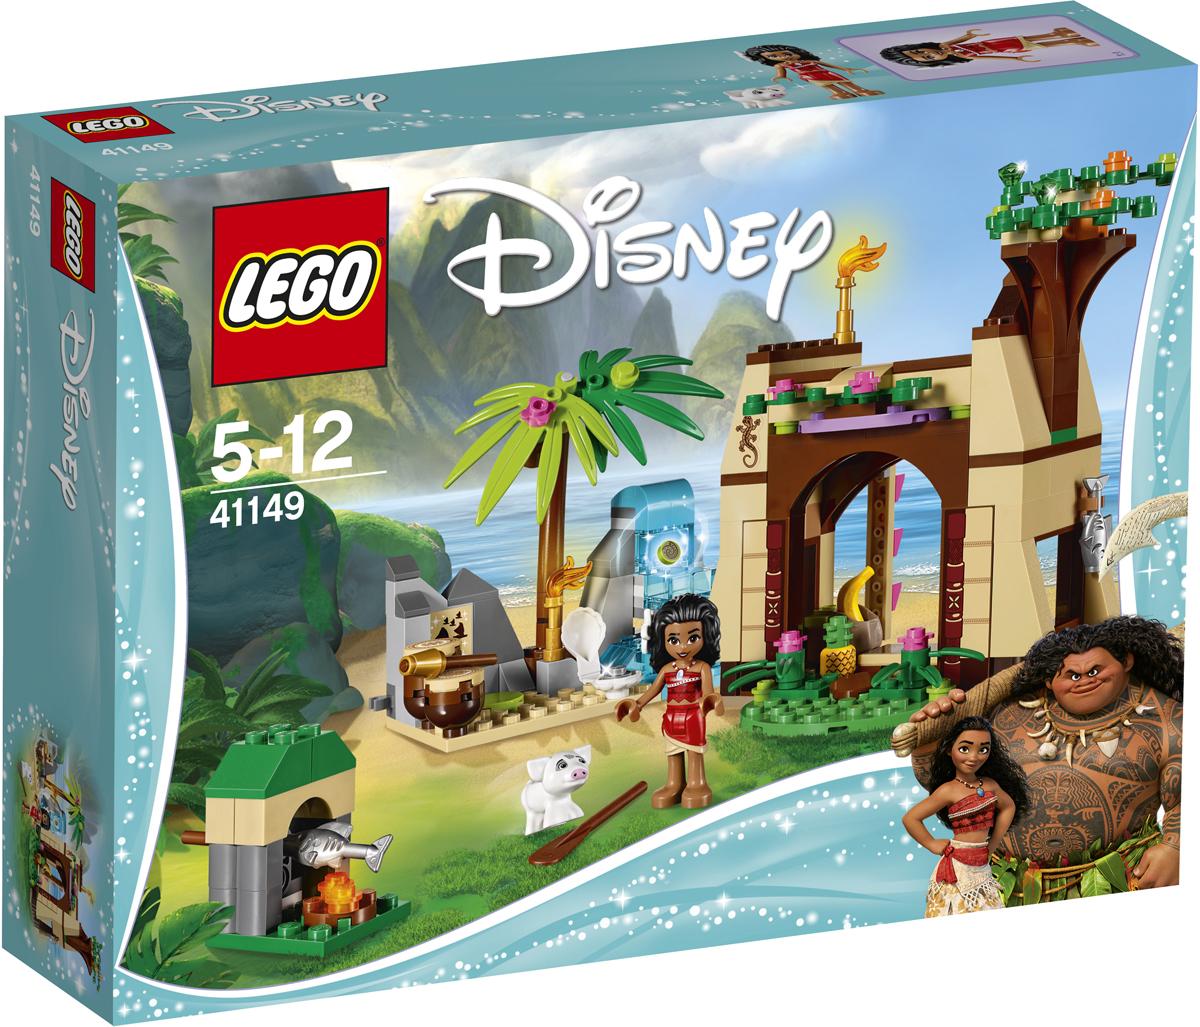 LEGO Disney Princesses Конструктор Приключения Моаны на затерянном острове 4114941149Откройте для себя таинственный мир легенд Те Фити вместе с Моаной и поросенком Пуа, которые отправились в гости к бабушке Моаны. А вечером, пока будете готовить на ужин рыбу на костре, изучите карту острова. Отправляйтесь к водопаду и, используйте секретную функцию, помогите Моане найти сердце Те Фити! Сыграйте на барабанах в пещере, чтобы узнать, суждено ли Моане стать таким же великим мореплавателем, какими были ее предки из легенд. Набор включает в себя 205 разноцветных пластиковых элементов. Конструктор - это один из самых увлекательных и веселых способов времяпрепровождения. Ребенок сможет часами играть с конструктором, придумывая различные ситуации и истории.